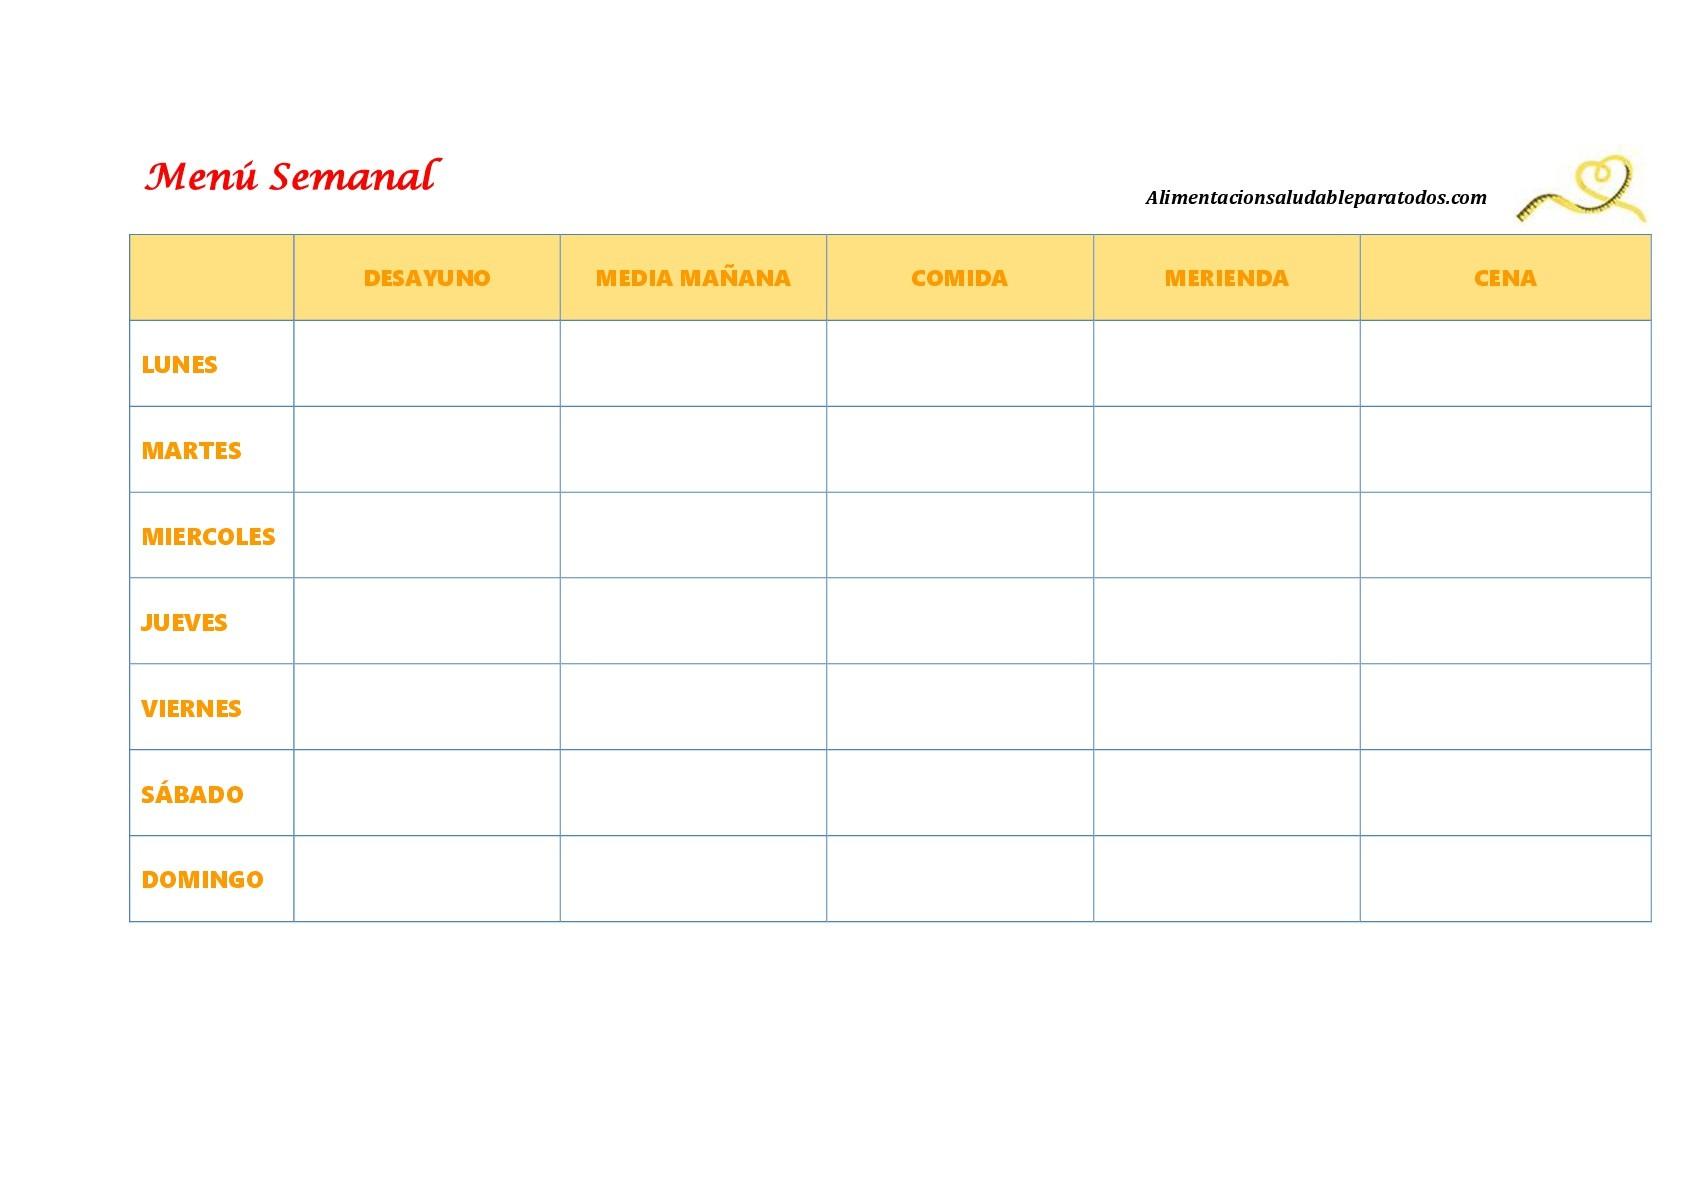 Calendario Imprimir Semanal Más Recientes 7 Plantillas Para Planificar El Menš Semanal Alimentaci³n